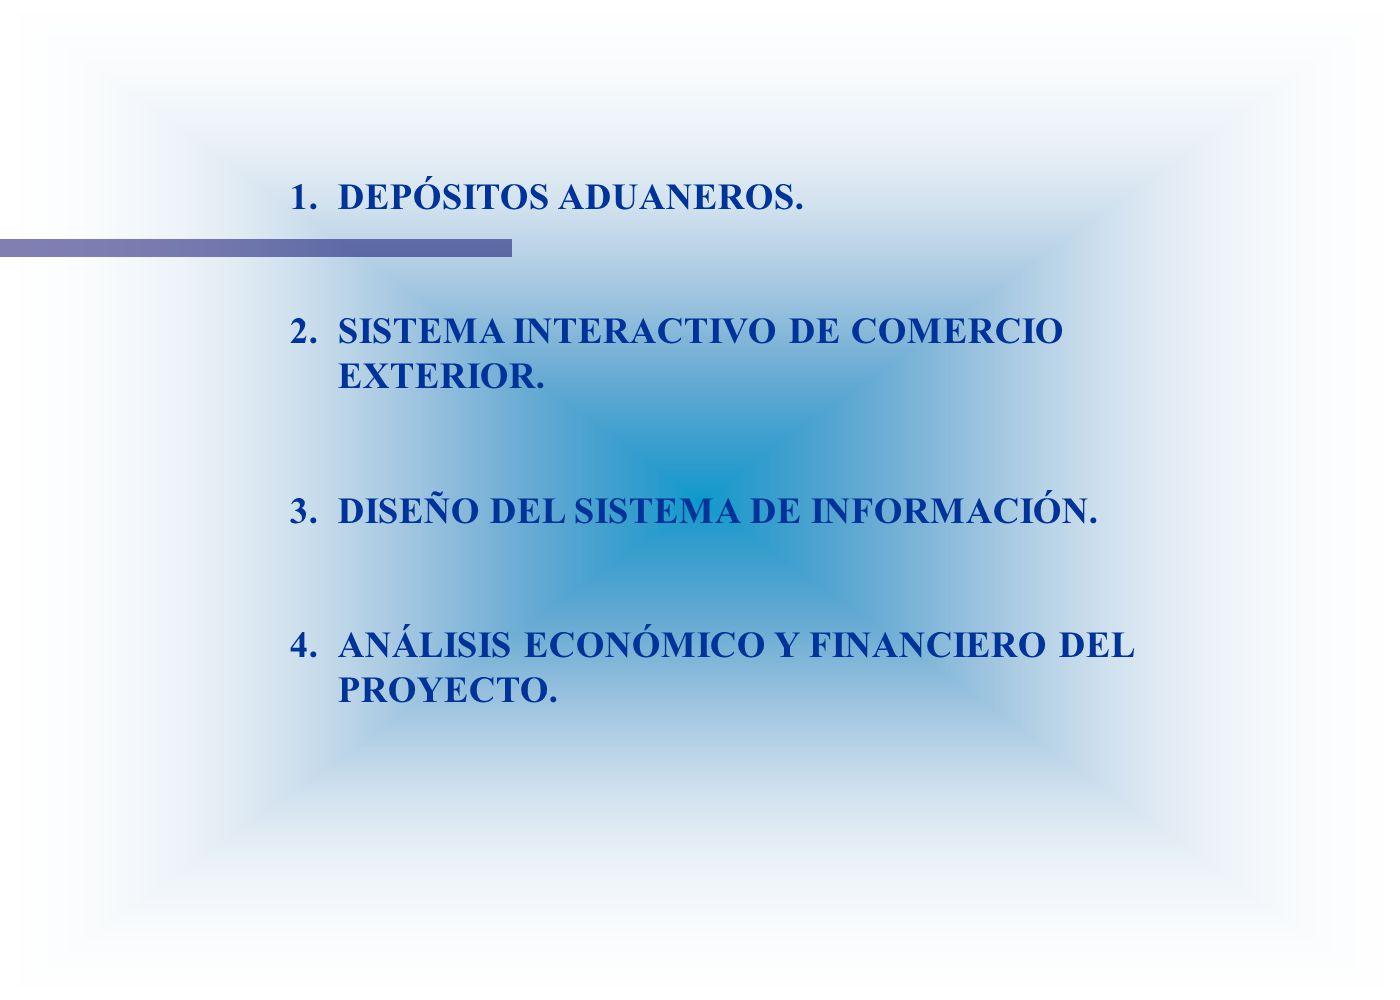 1.DEPÓSITOS ADUANEROS. 2.SISTEMA INTERACTIVO DE COMERCIO EXTERIOR. 3.DISEÑO DEL SISTEMA DE INFORMACIÓN. 4.ANÁLISIS ECONÓMICO Y FINANCIERO DEL PROYECTO